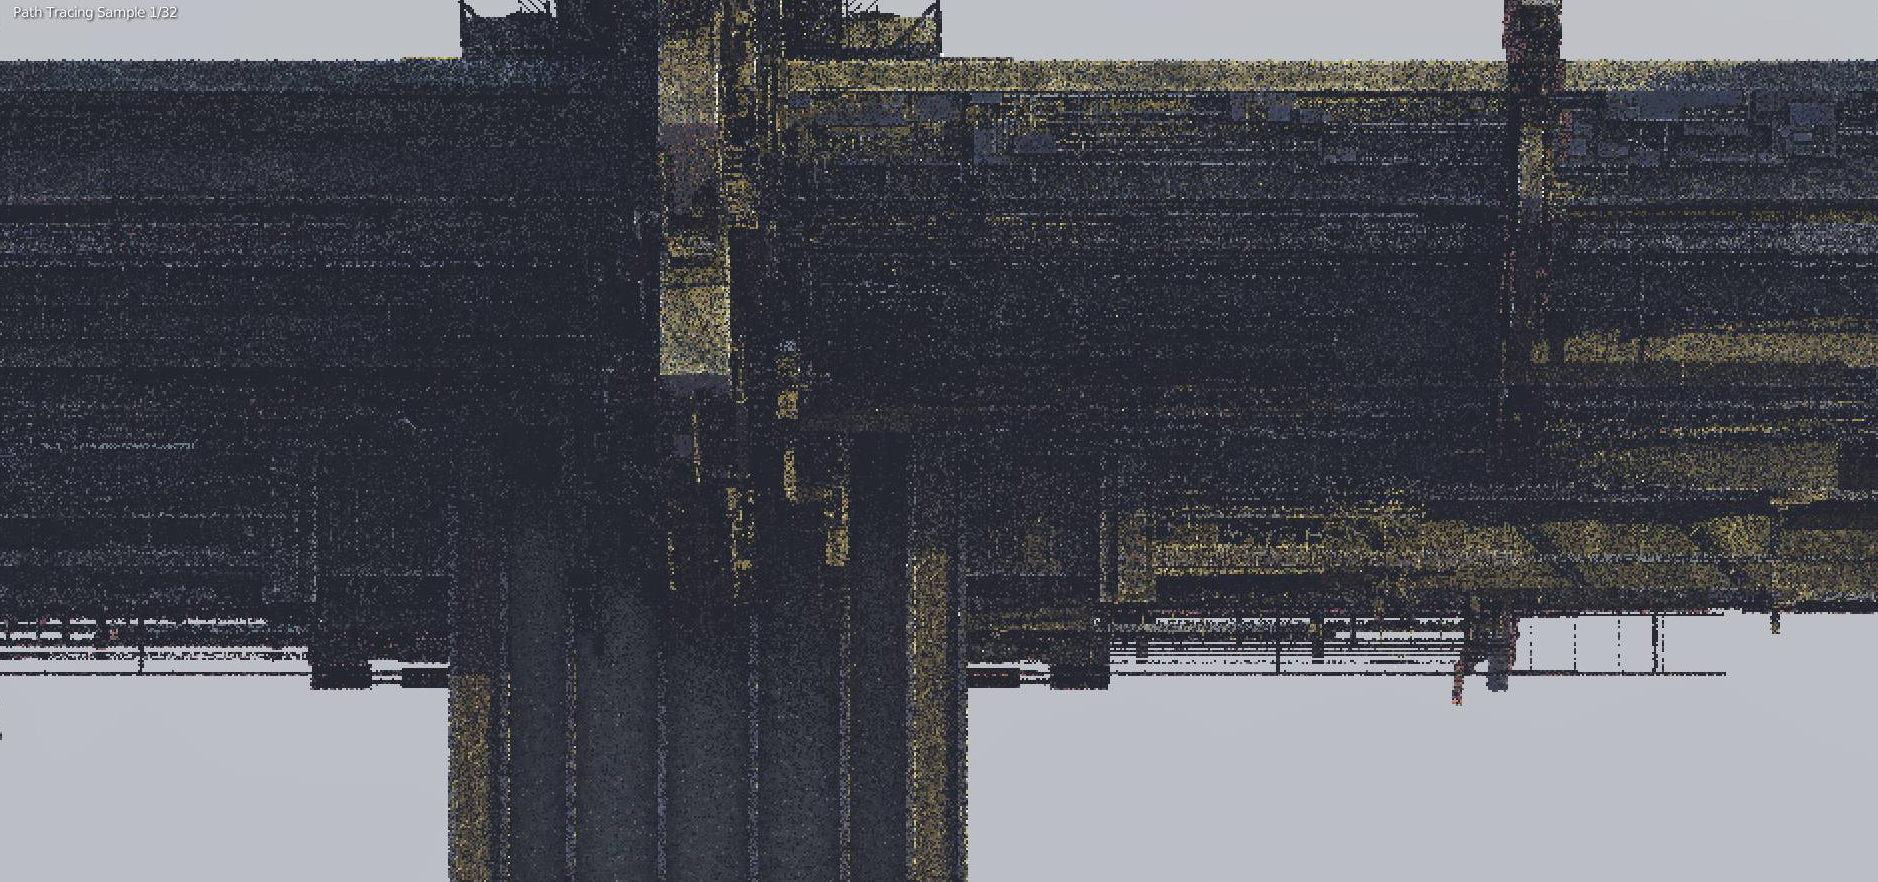 blender 2/2/2019 , 4:35:47 PM Blender* [I:projectsHRZNHRZN_FlyingCastlesOverDesertHRZN_FlyingCastlesOverDesert_105_WideAlter.blend] [SCM]actwin,8,0,1912,1072;